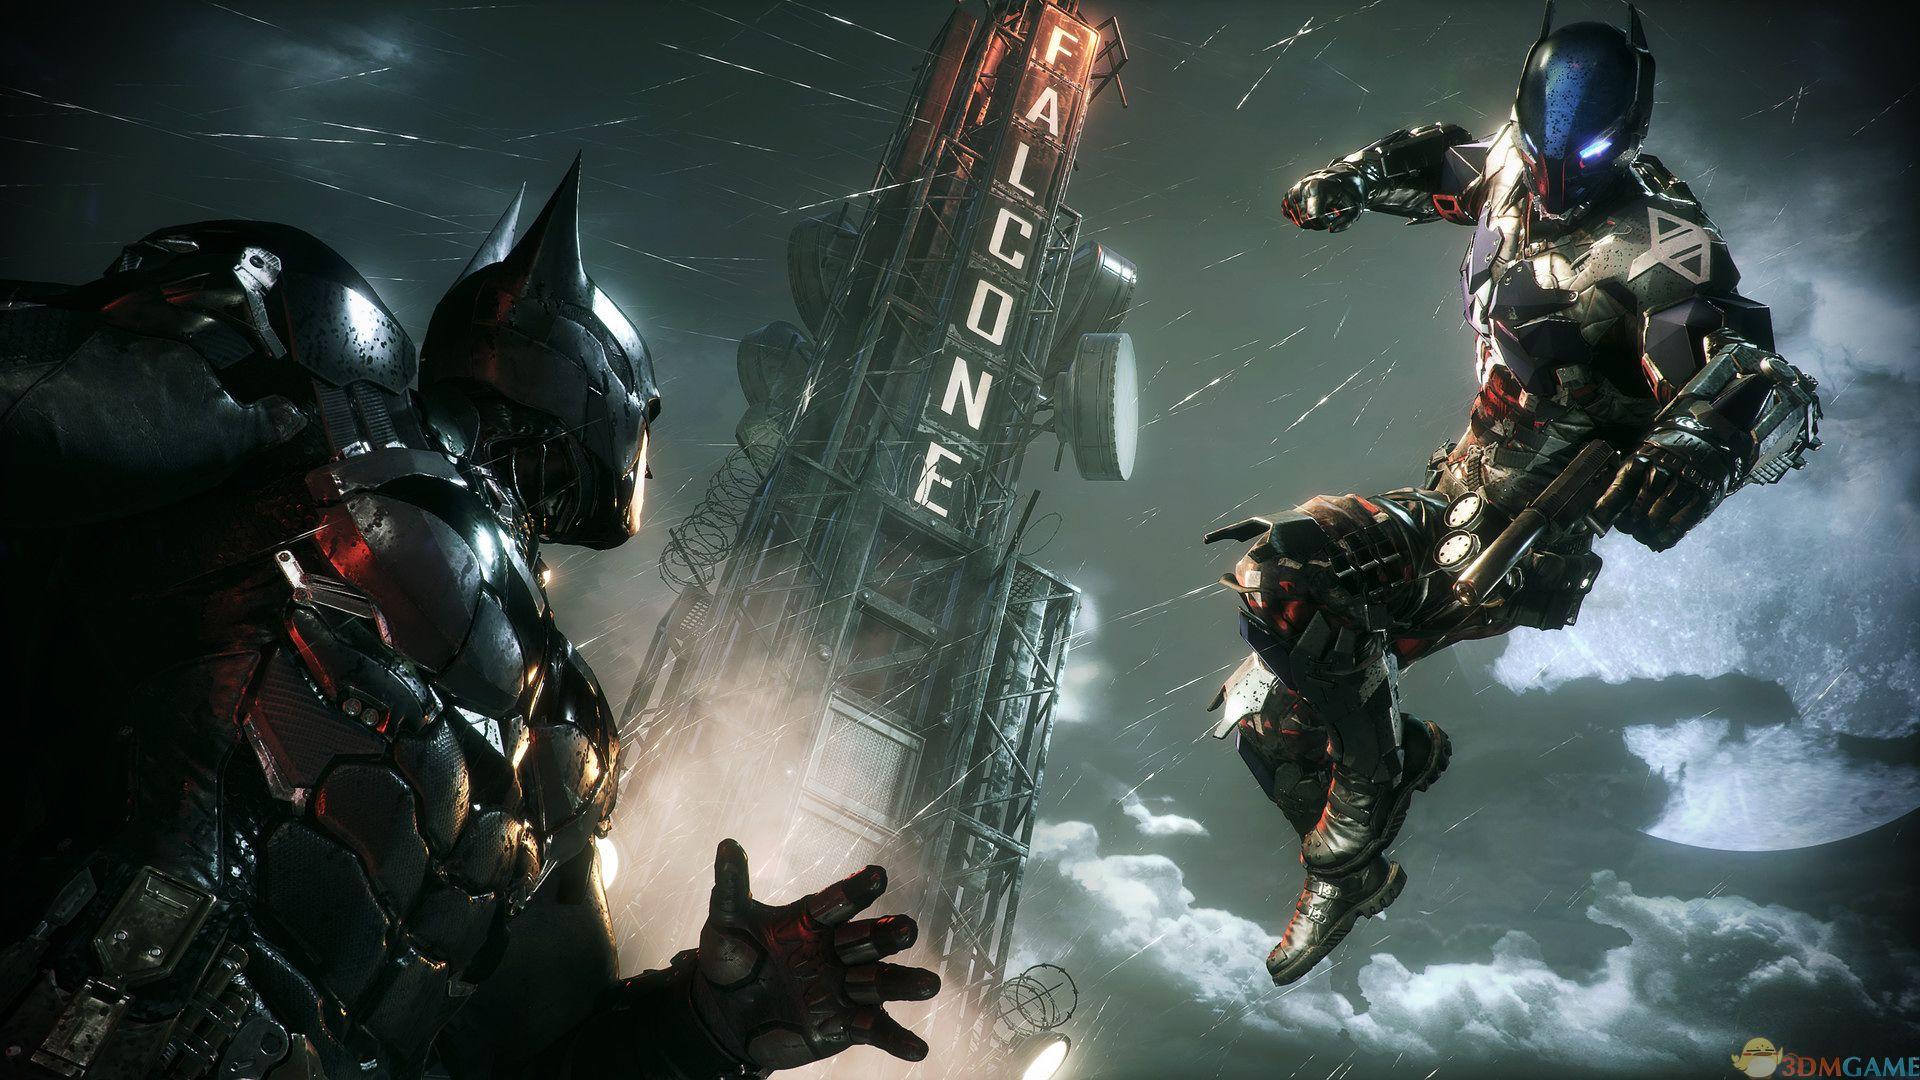 蝙蝠侠:阿卡姆骑士 DLC补充包[3DM]